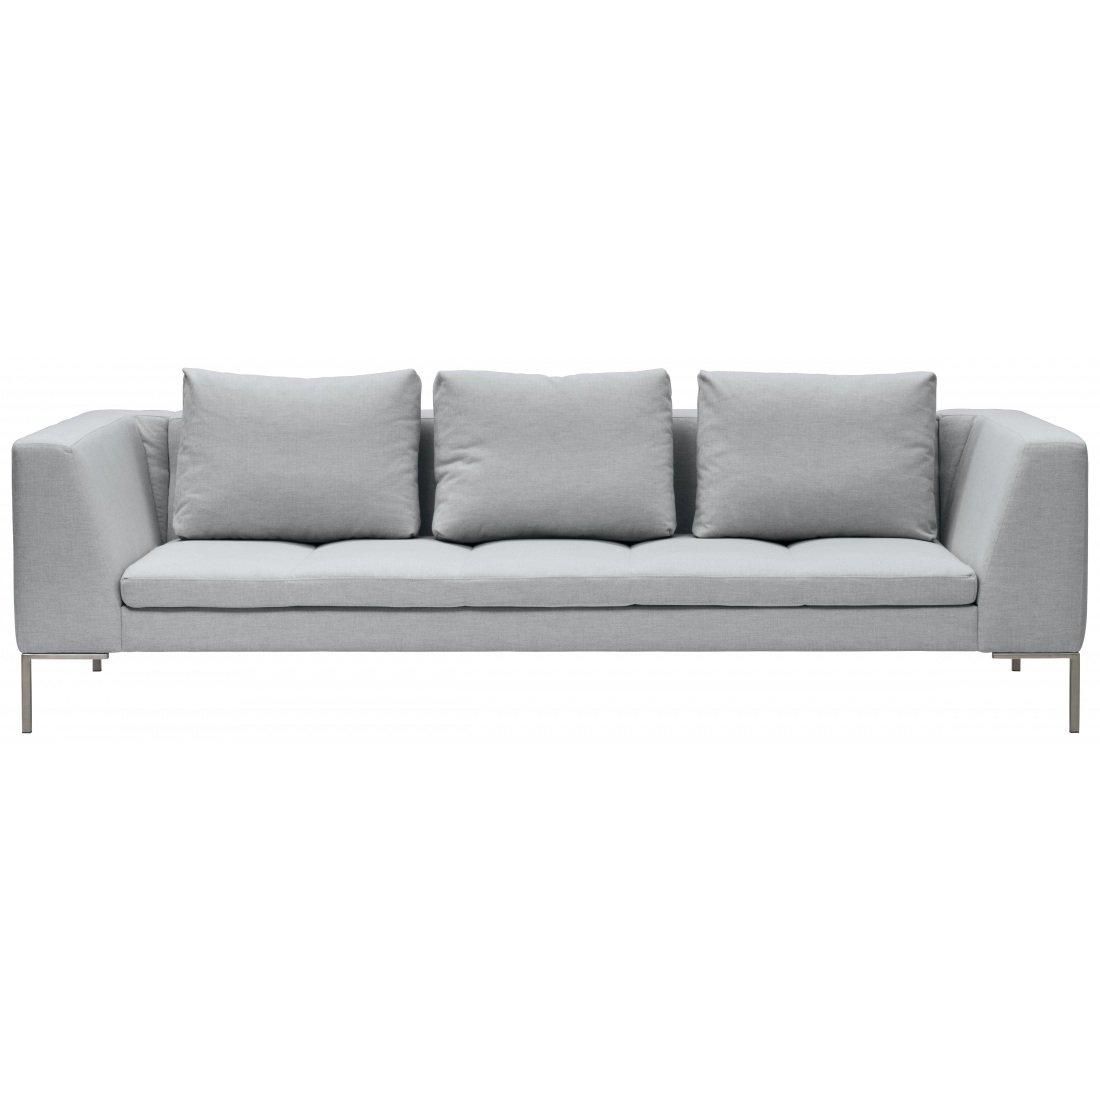 3-Sitzer Sofa Silber Designer Couch Sofa kaufen